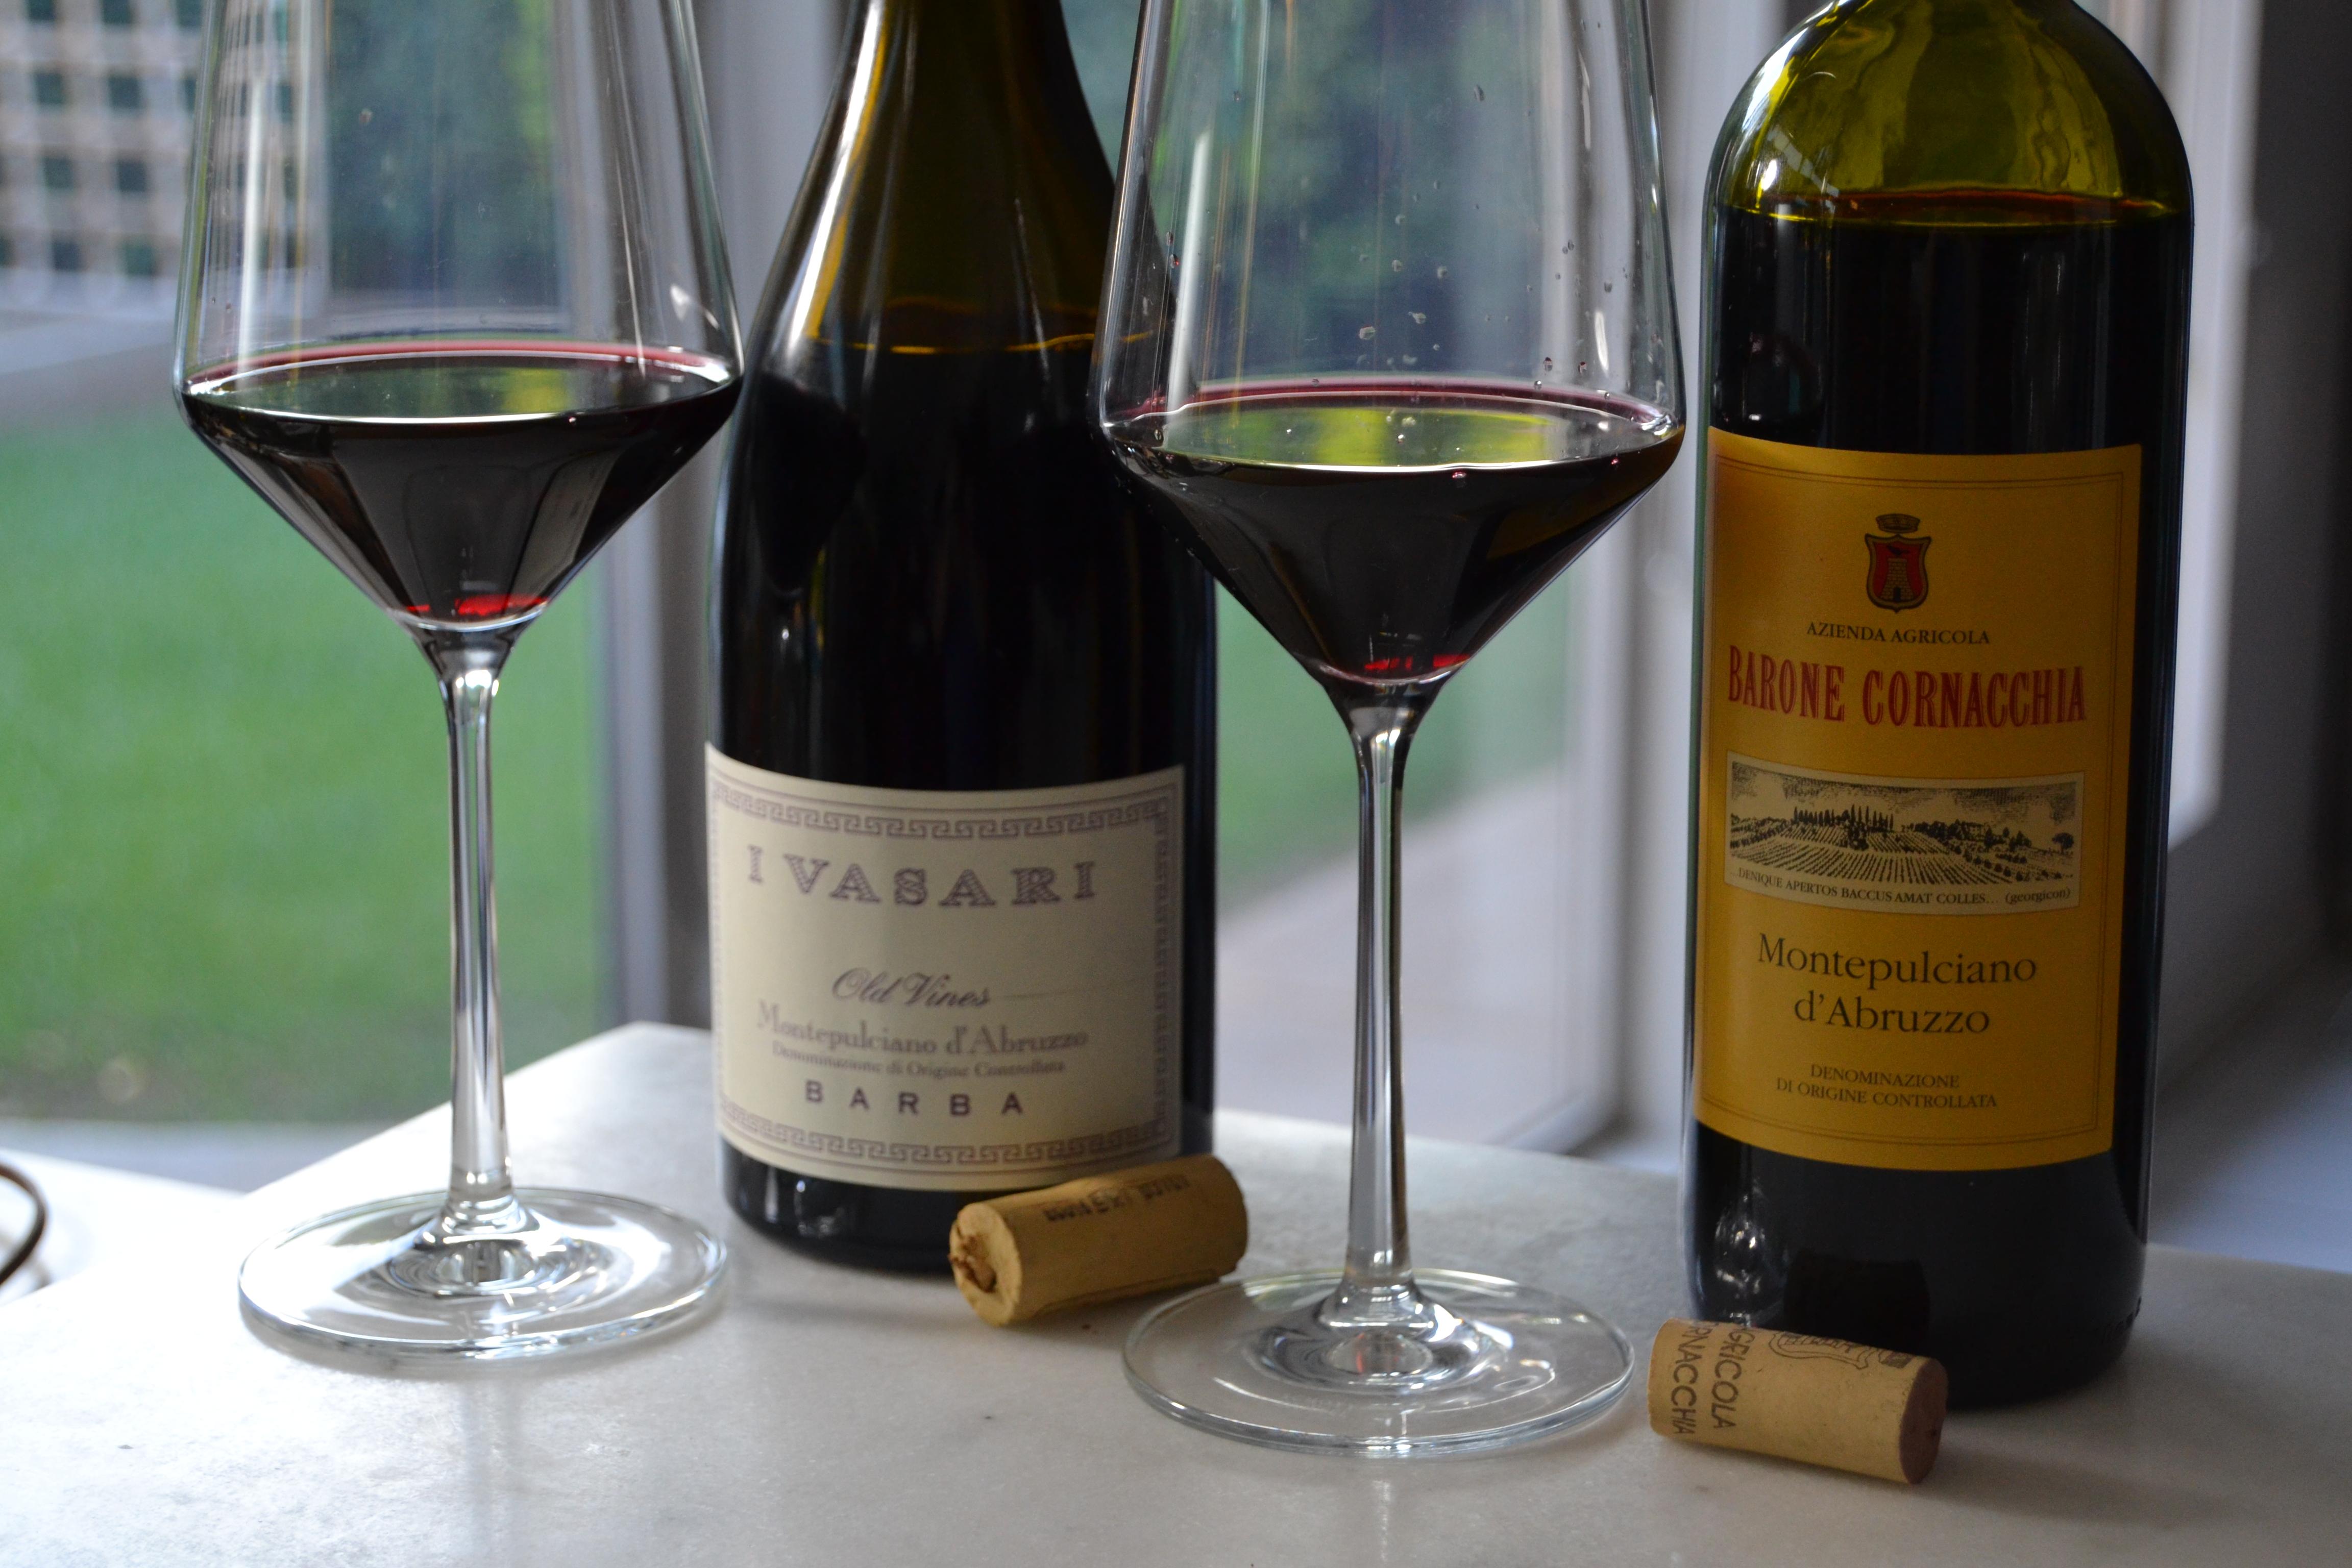 Abruzzo wine